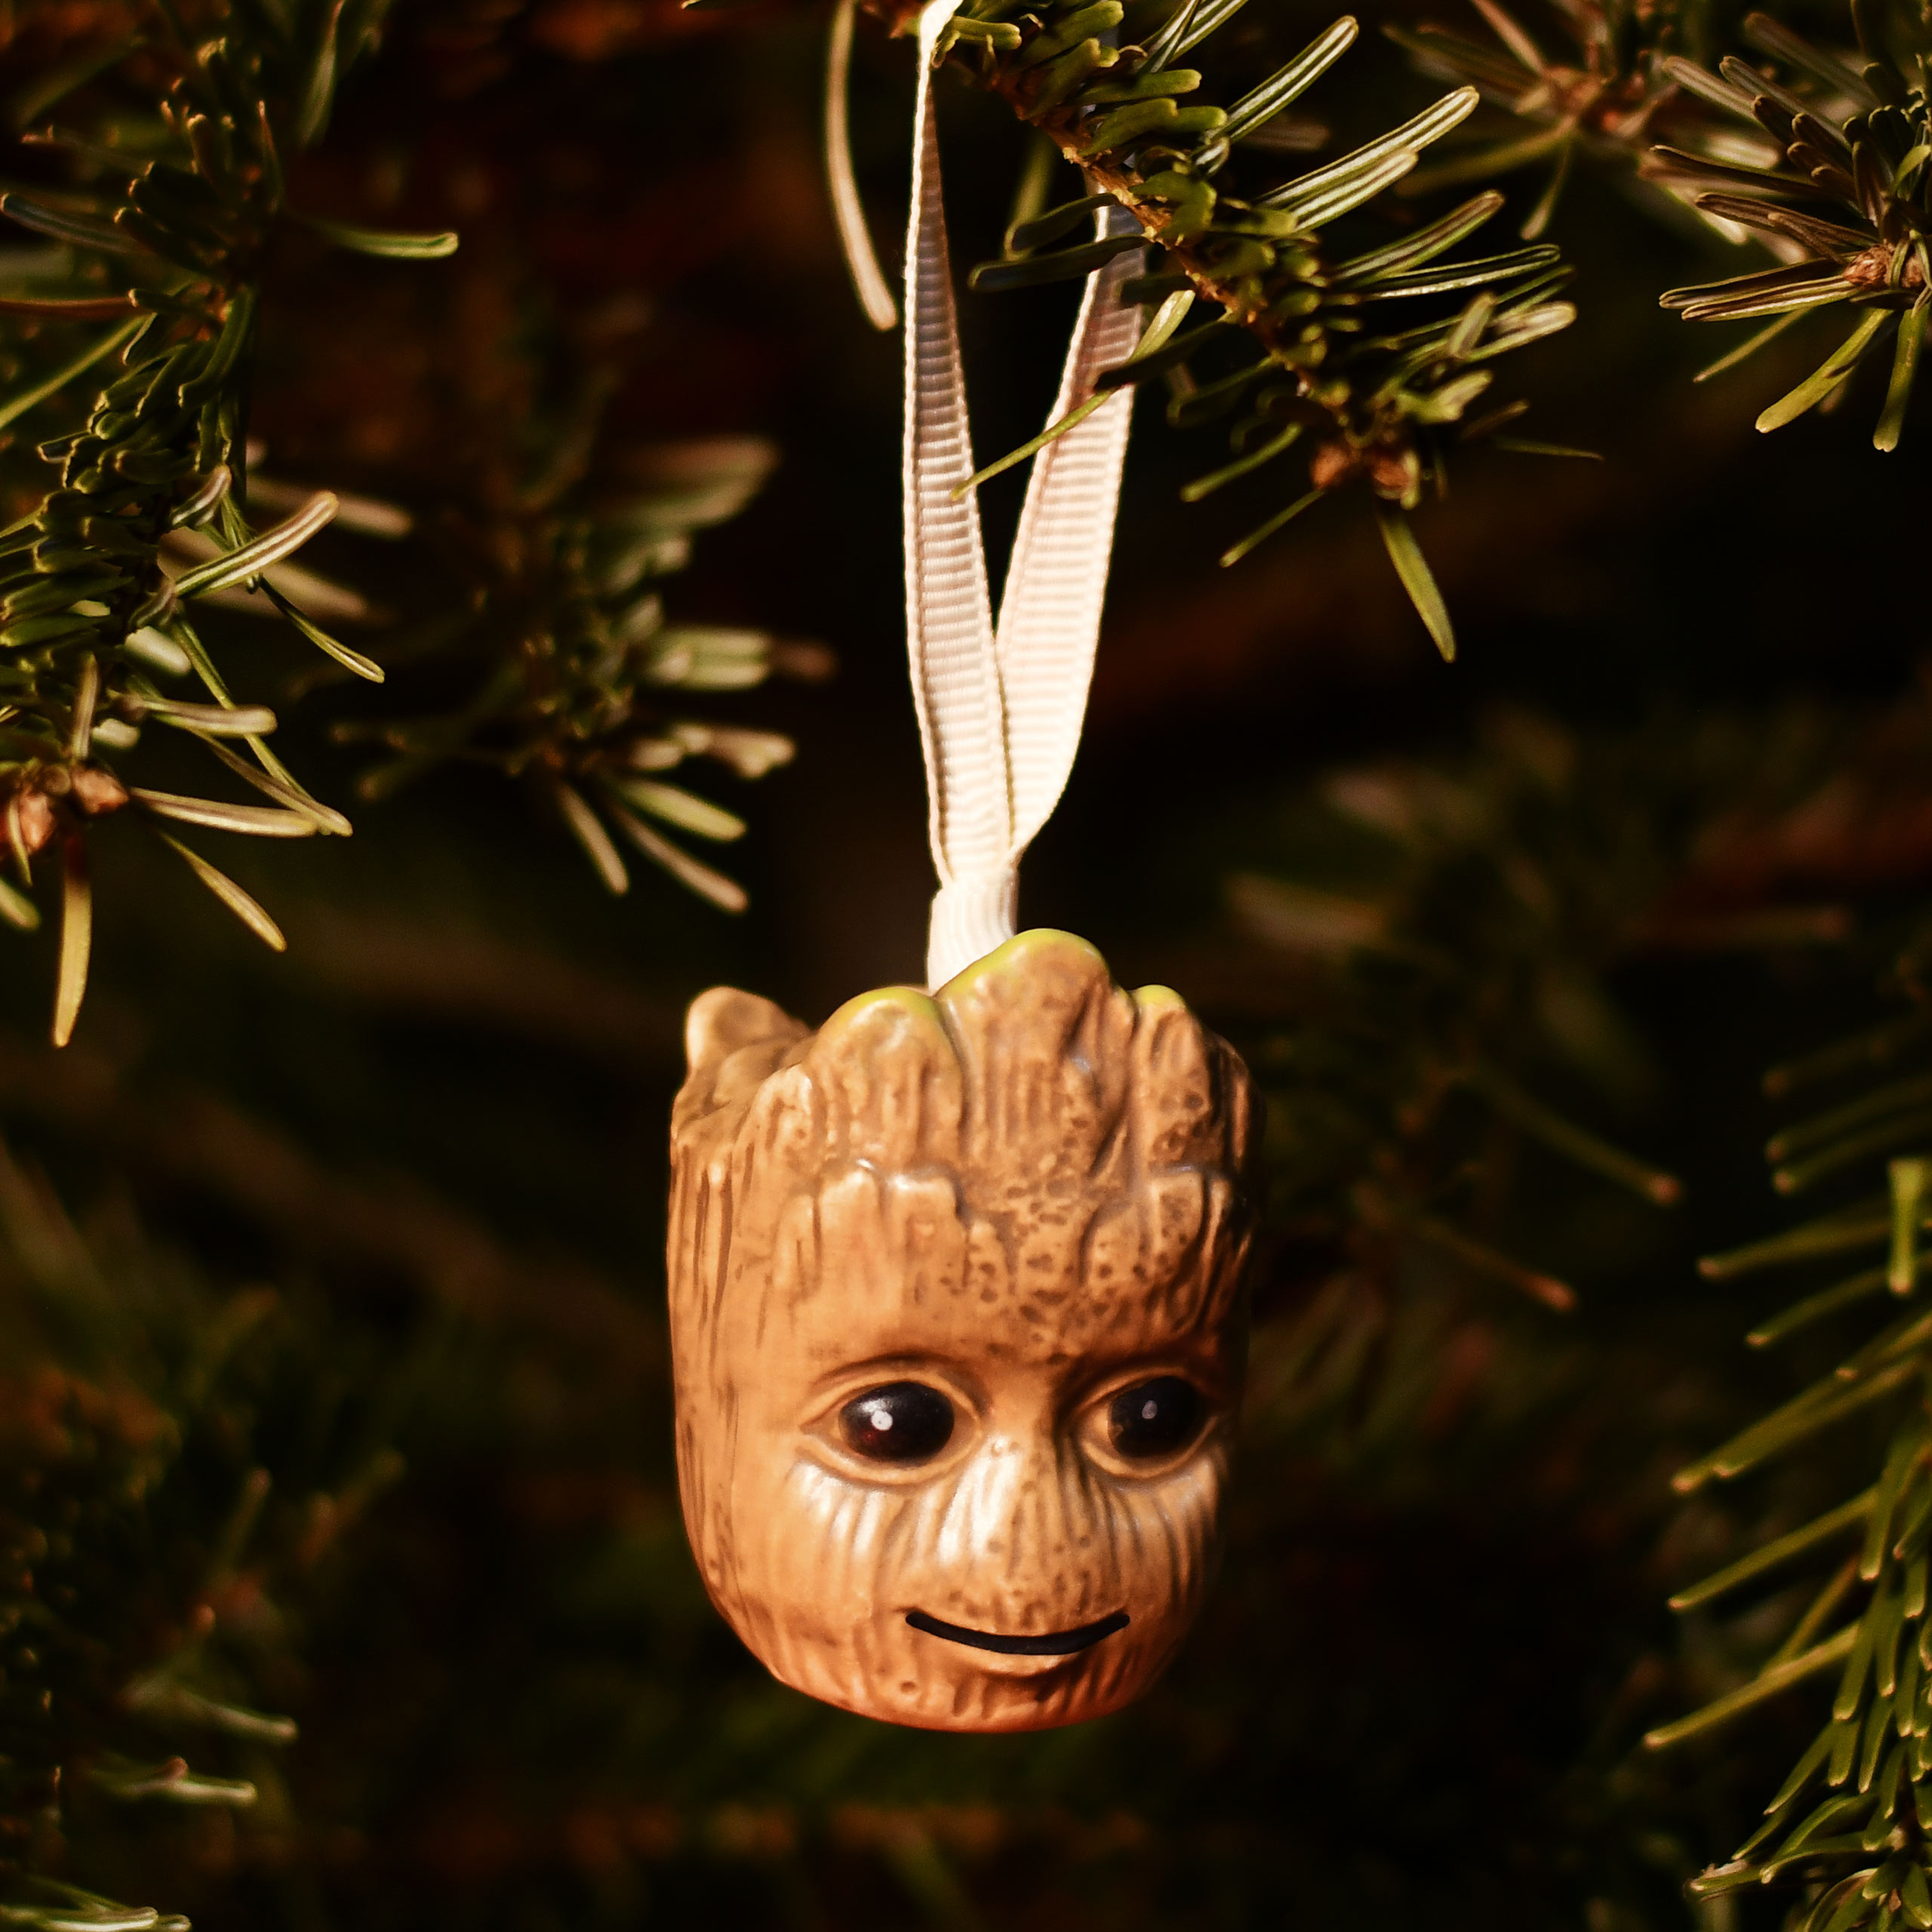 Groot Weihnachtsbaum-Schmuck - Guardians of the Galaxy